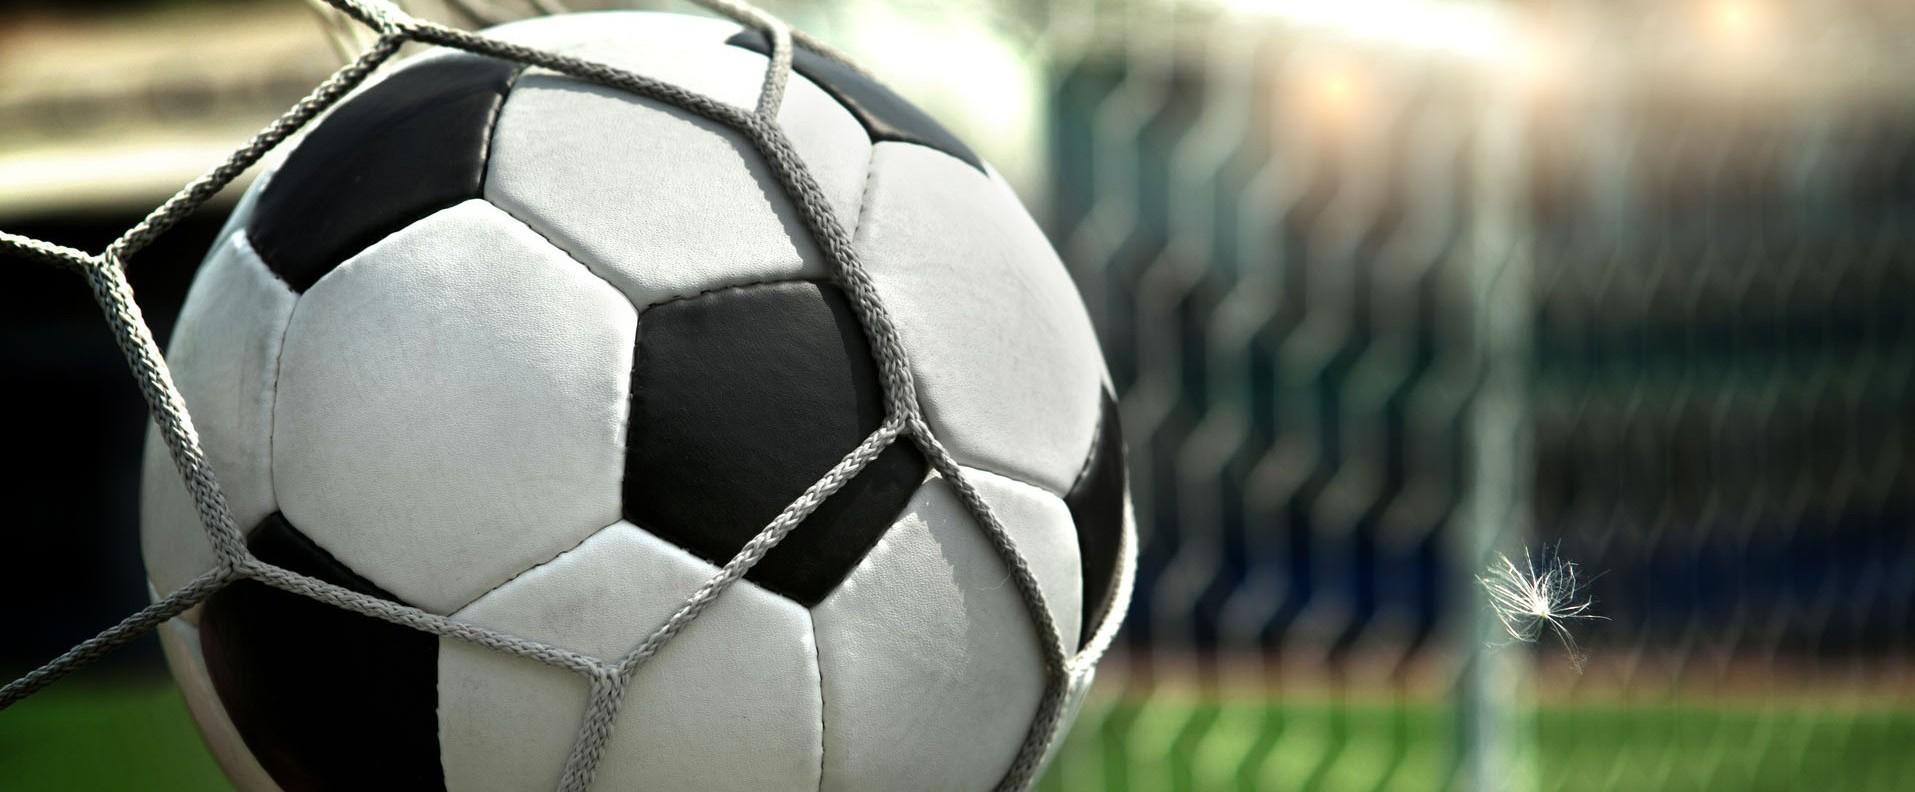 6959755-soccer-ball-goal-e1445884967758